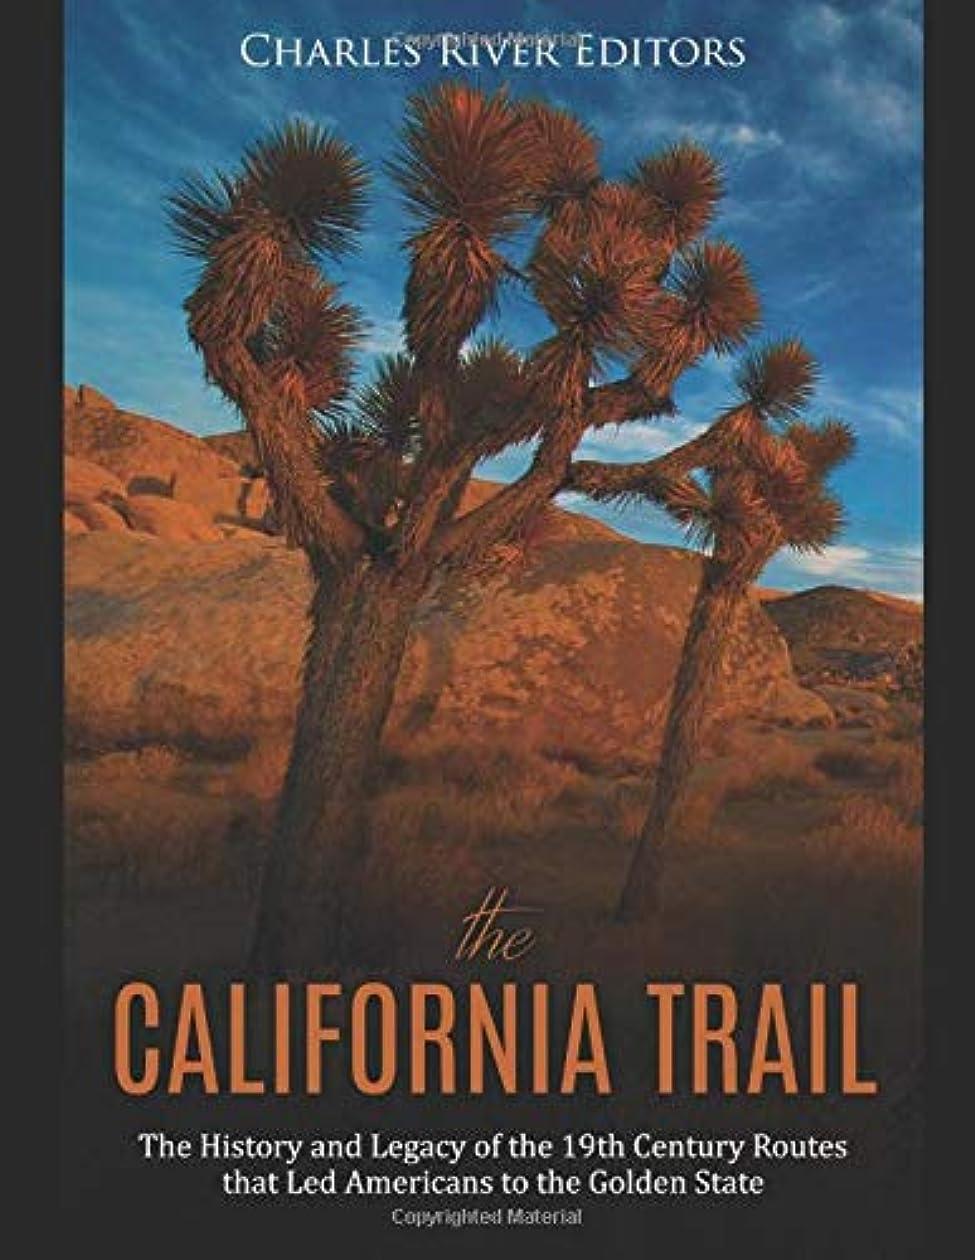 ファウル素晴らしさ刑務所The California Trail: The History and Legacy of the 19th Century Routes that Led Americans to the Golden State